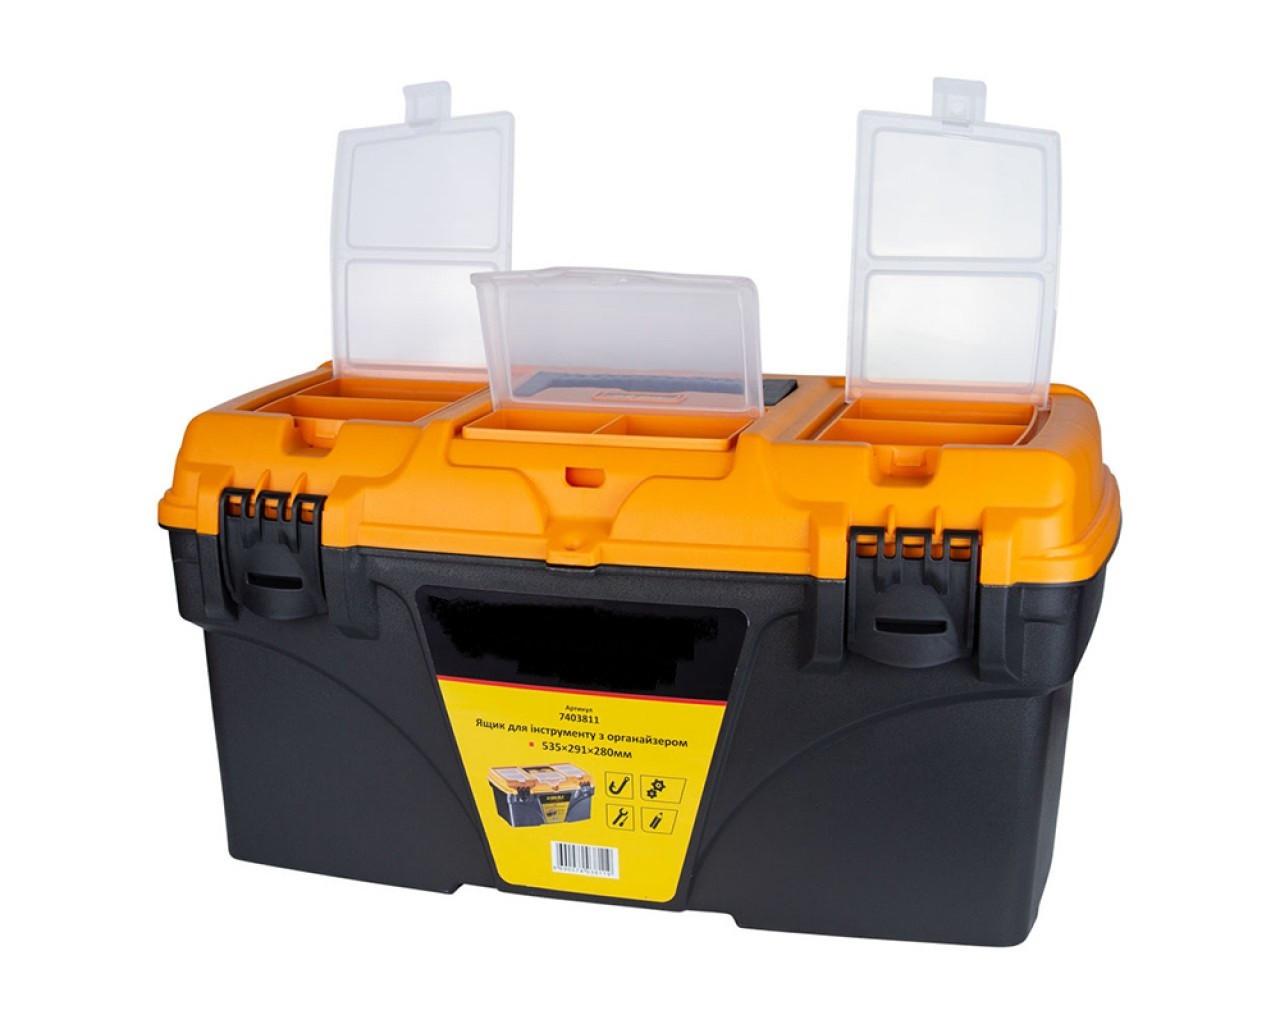 Ящик для инструментов 18*460mm